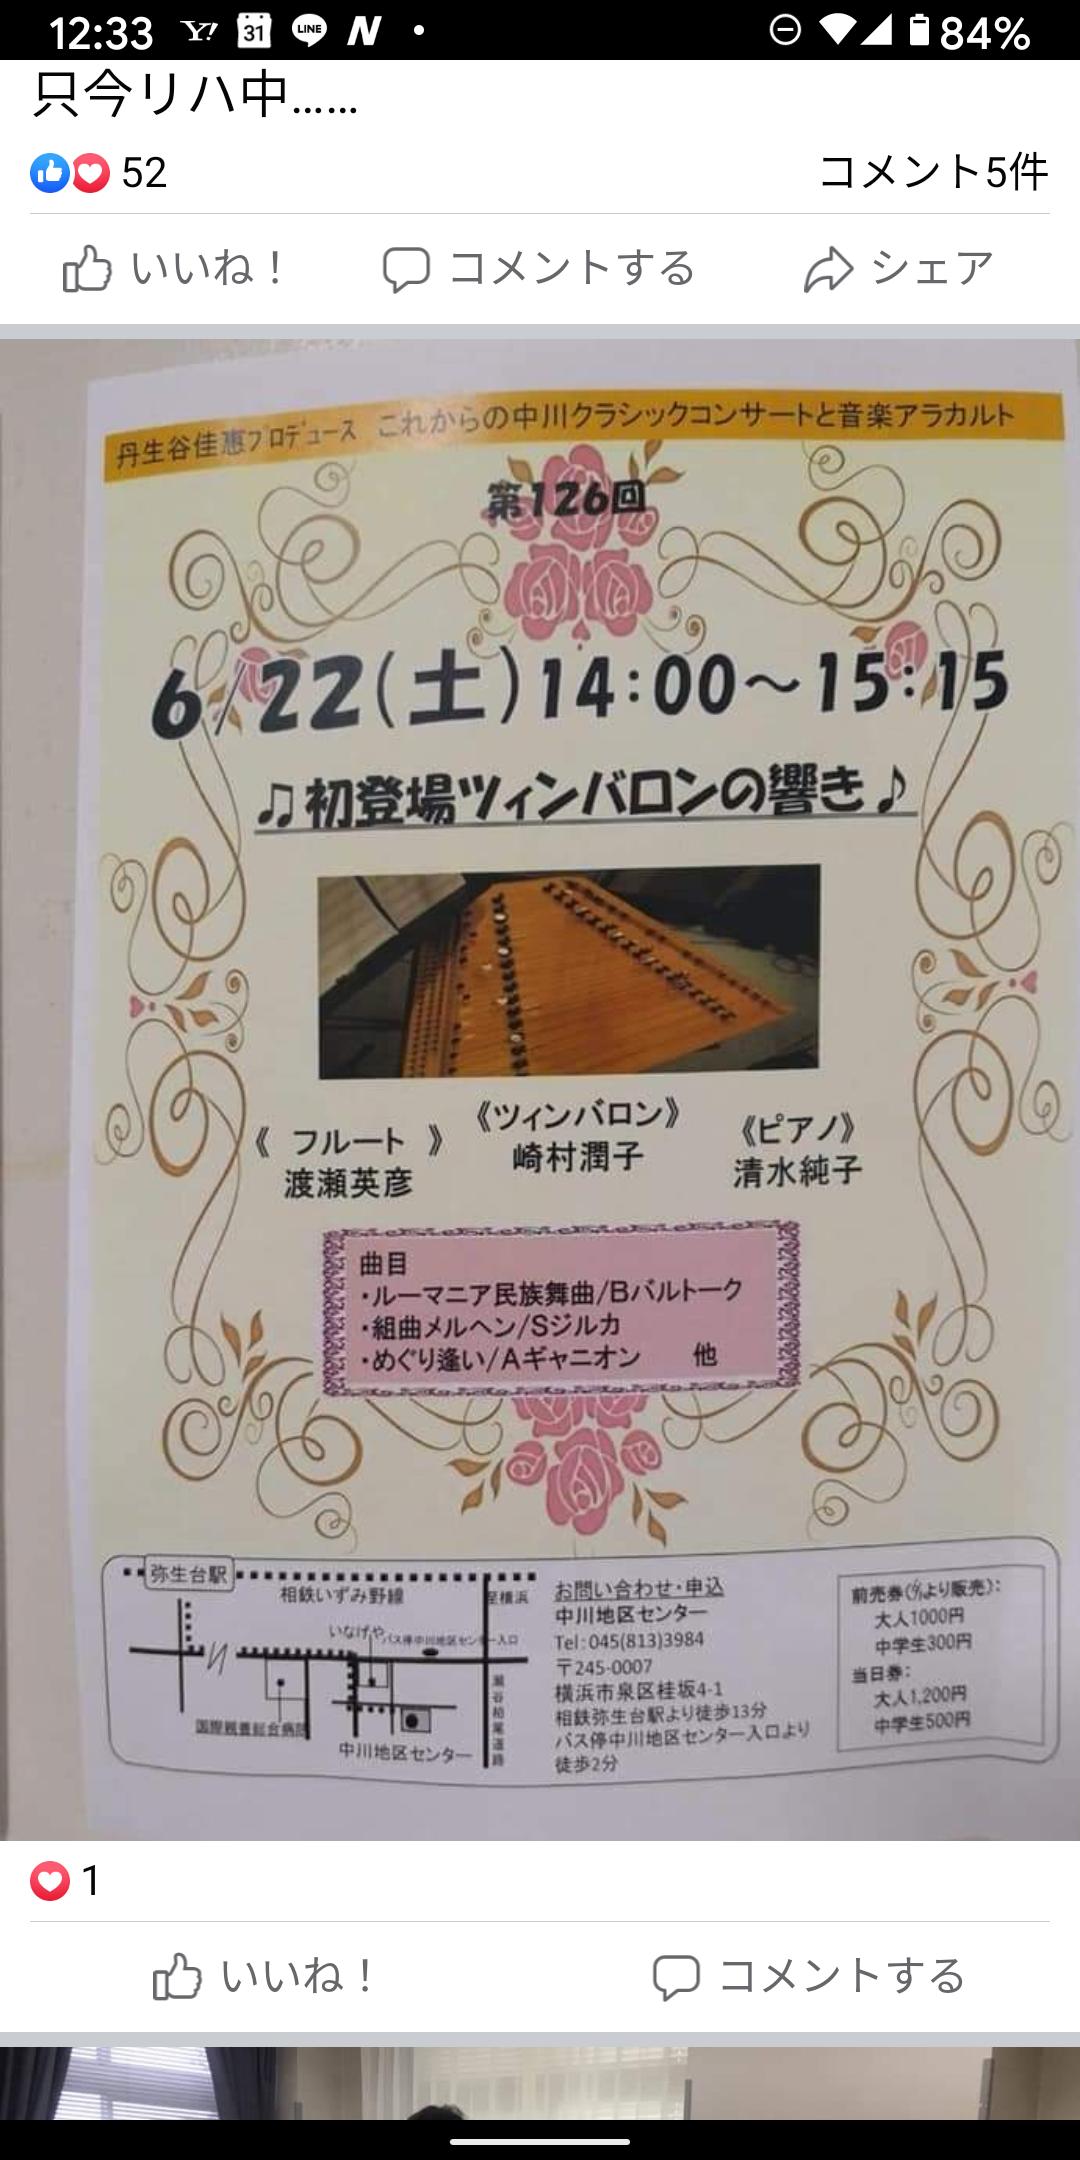 第126回中川クラシックコンサート